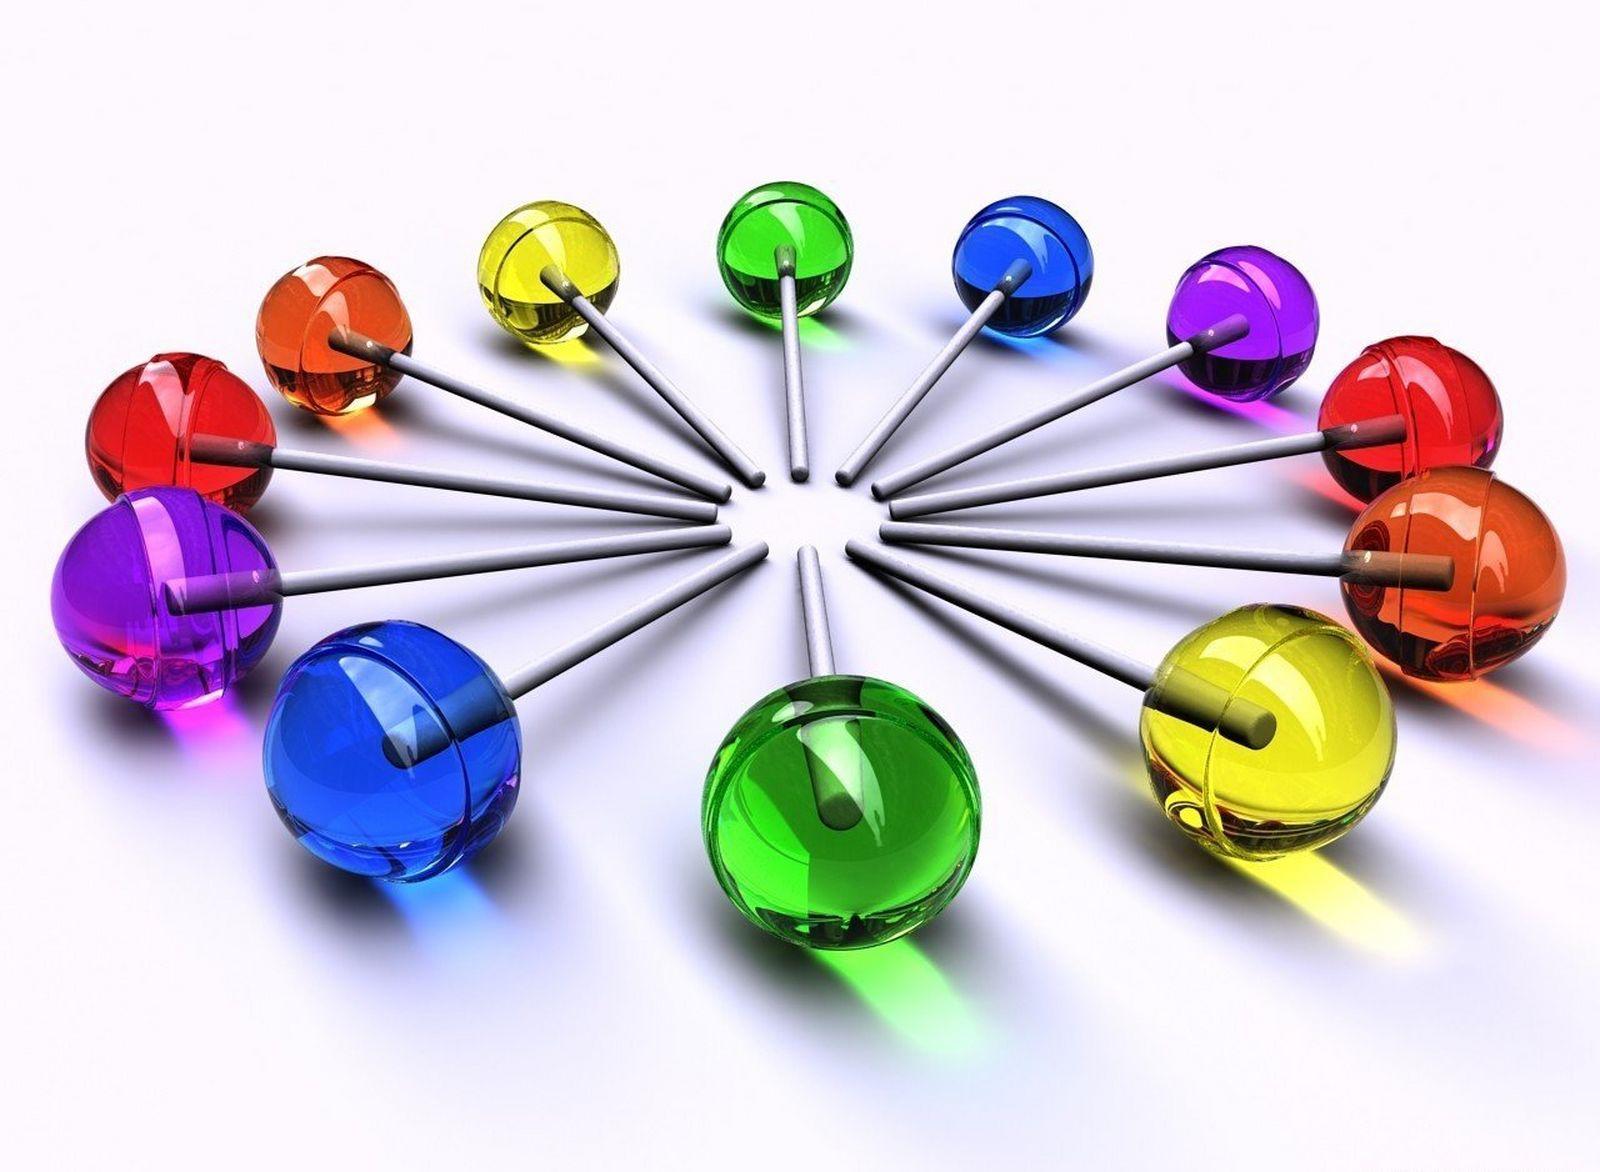 http://4.bp.blogspot.com/_cWcuJM9QIG4/TEBoLUo06lI/AAAAAAAACEo/YJijjo8-uNA/s1600/glass%2Bwallpapers%2B3d%2B4d%2B2d%2Bdownload+l.jpg